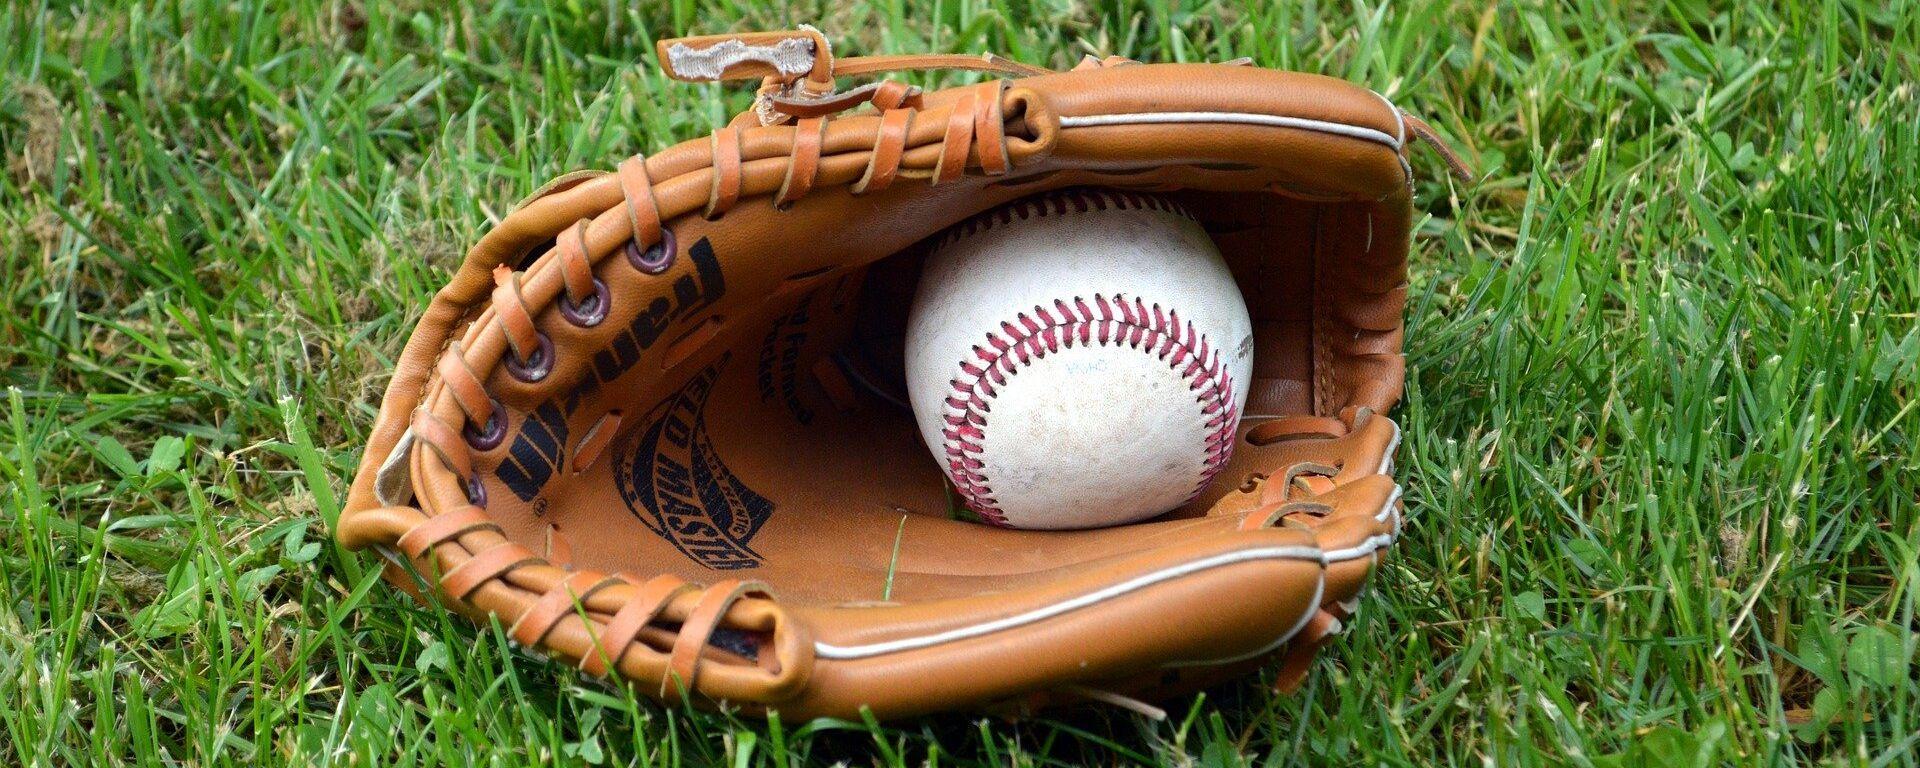 Béisbol - Sputnik Mundo, 1920, 20.07.2021